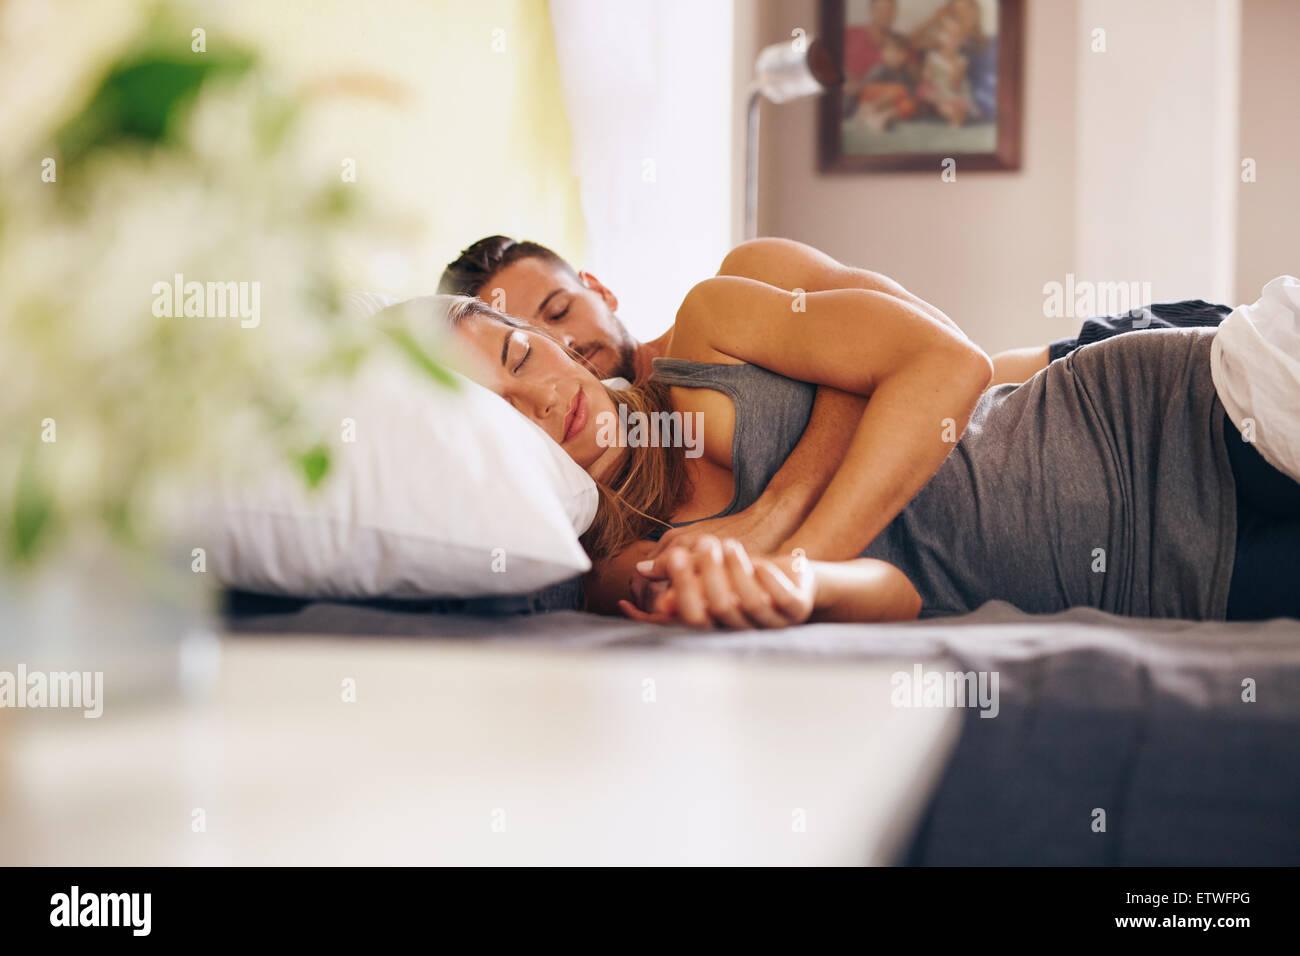 Bild des jungen Paares tiefem Schlaf im Bett zusammen. Mann und Frau miteinander schlafen in ihrem Schlafzimmer. Stockbild